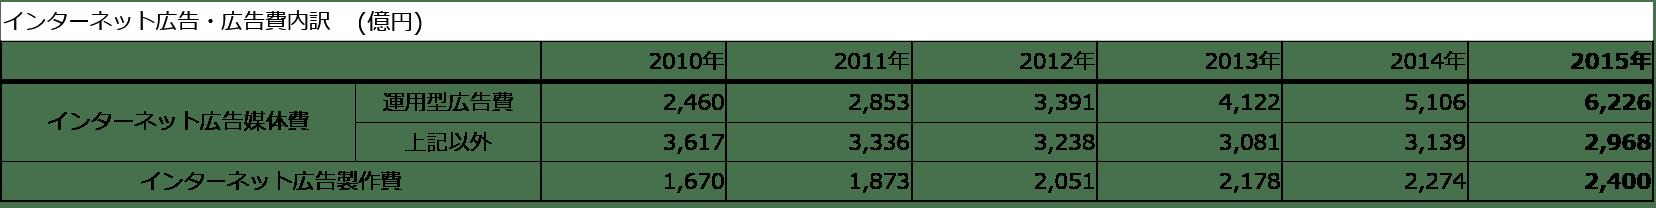 2015年日本の広告費インターネット広告内訳